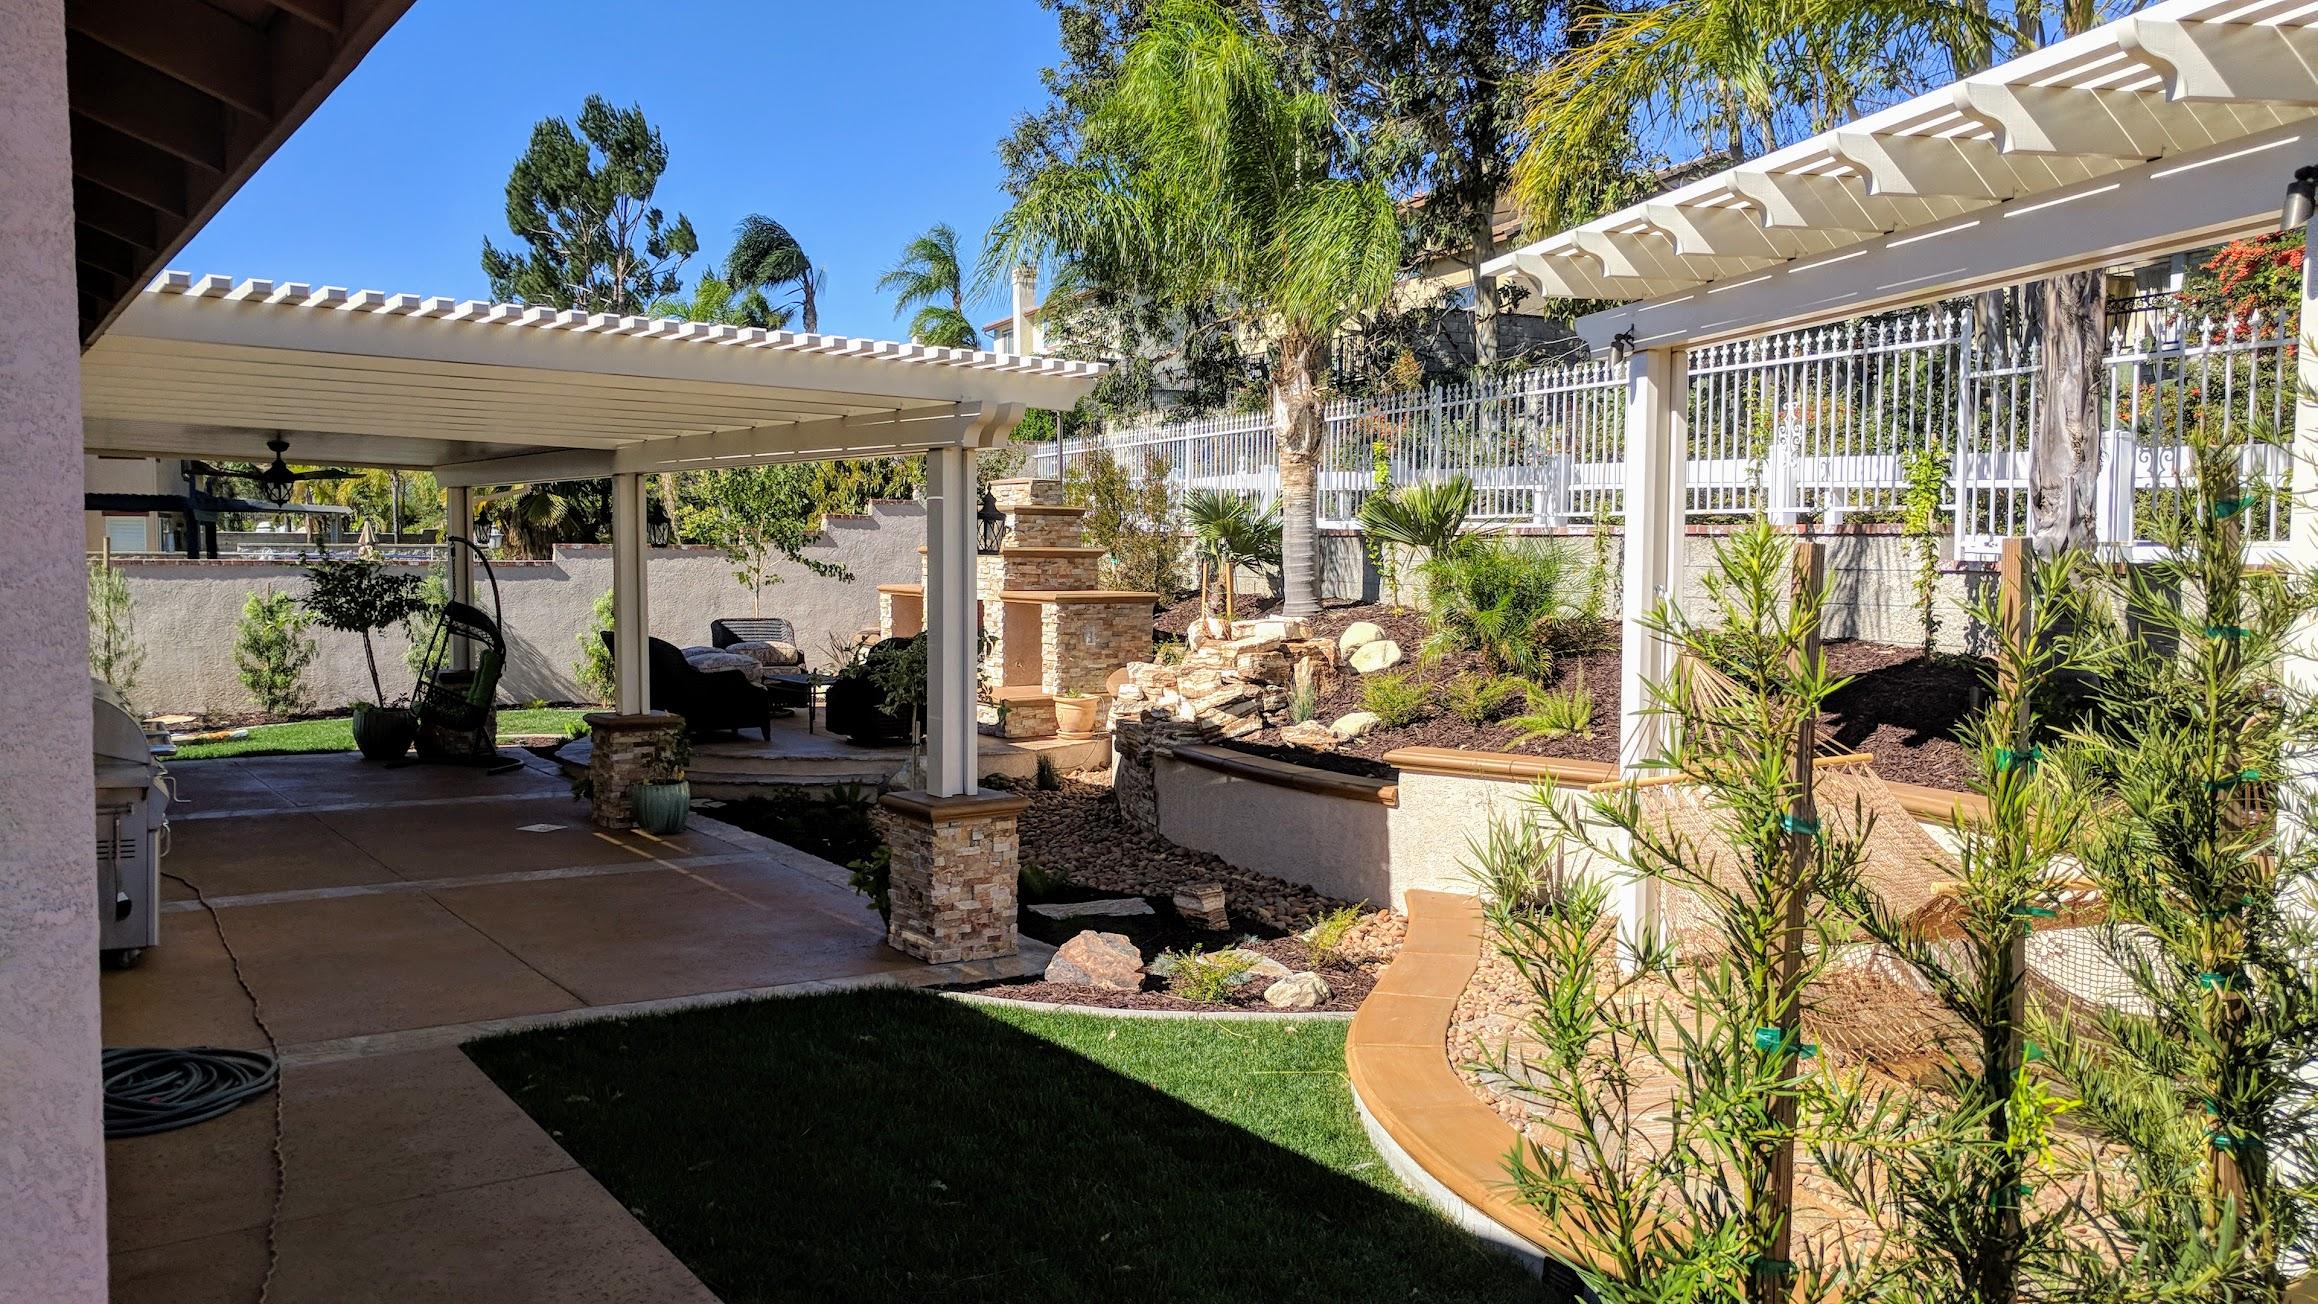 Patio Covers And Landscape Concrete Pavers Gazebos